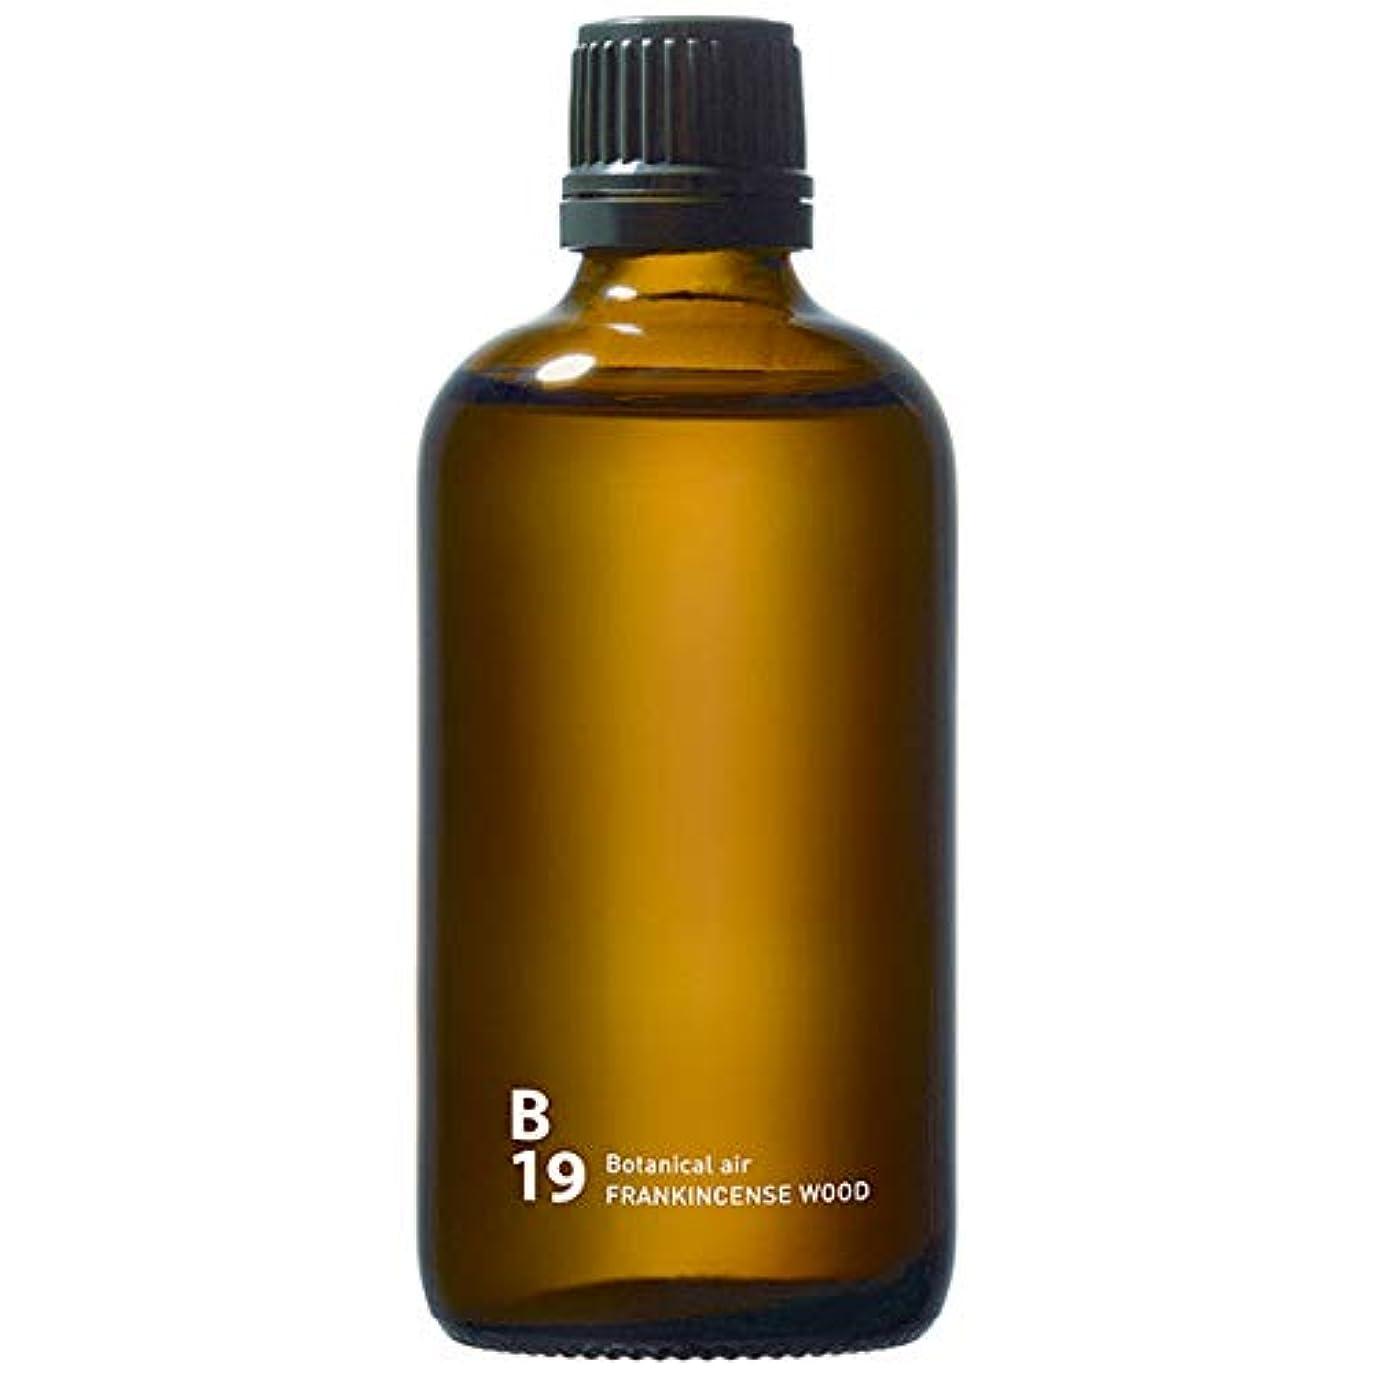 採用カウンターパート遠近法B19 FRANKINCENSE WOOD piezo aroma oil 100ml